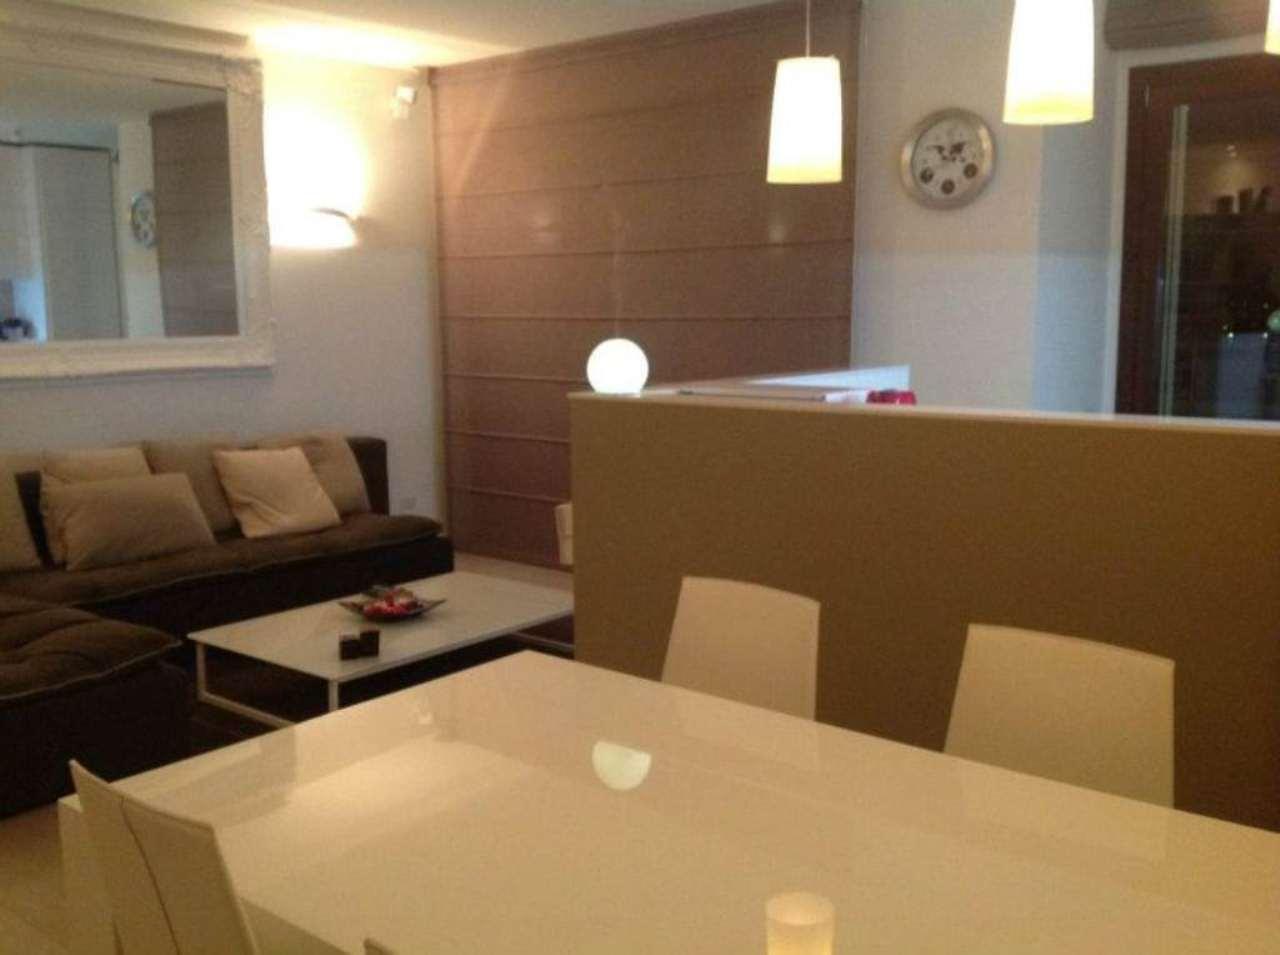 Appartamento in vendita a Milano, 3 locali, zona Zona: 3 . Bicocca, Greco, Monza, Palmanova, Padova, prezzo € 470.000 | CambioCasa.it